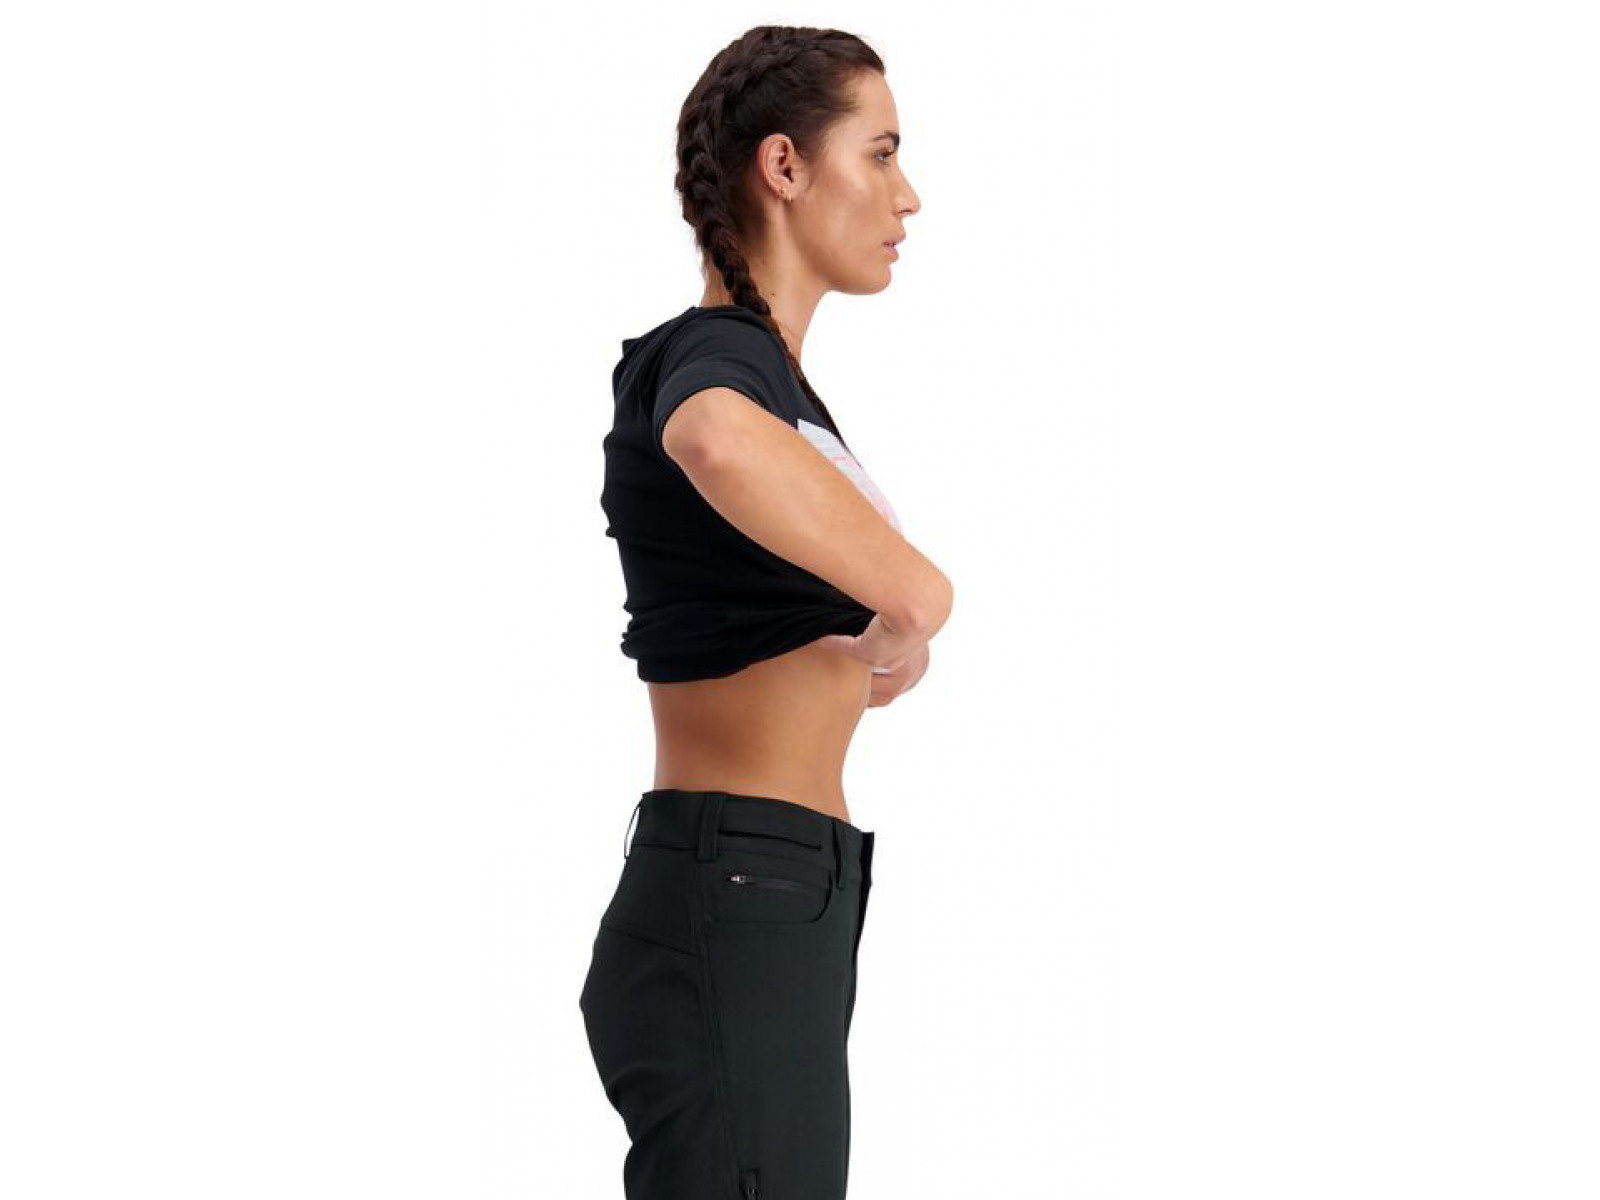 Mons Royale Momentum 2.0 Bike Shorts - Black Veľkosť oblečenia: XS.